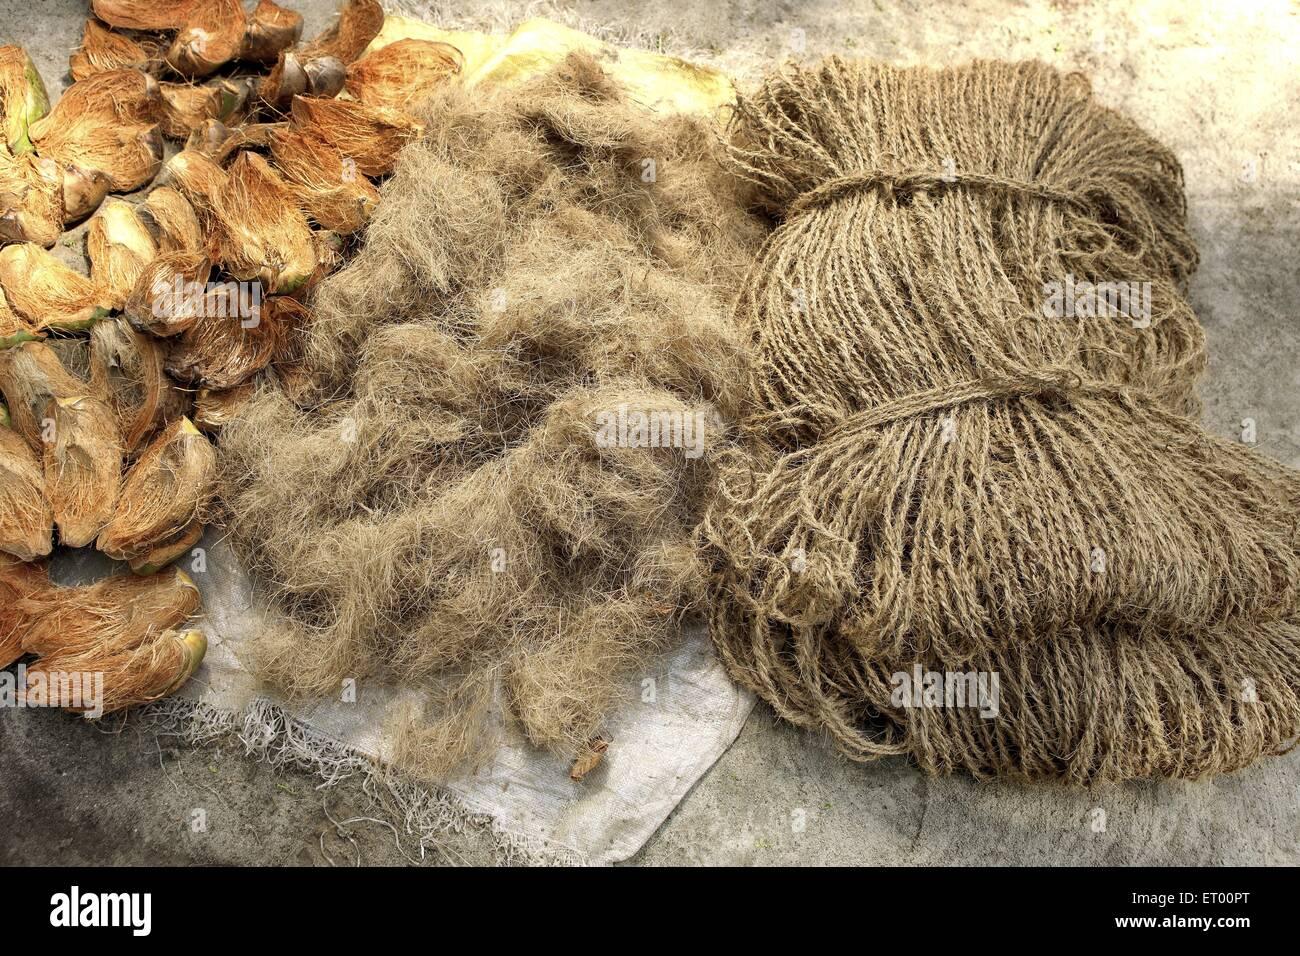 Las tres fases de la cáscara de coco y coco Coir cuerdas ; India Foto de stock